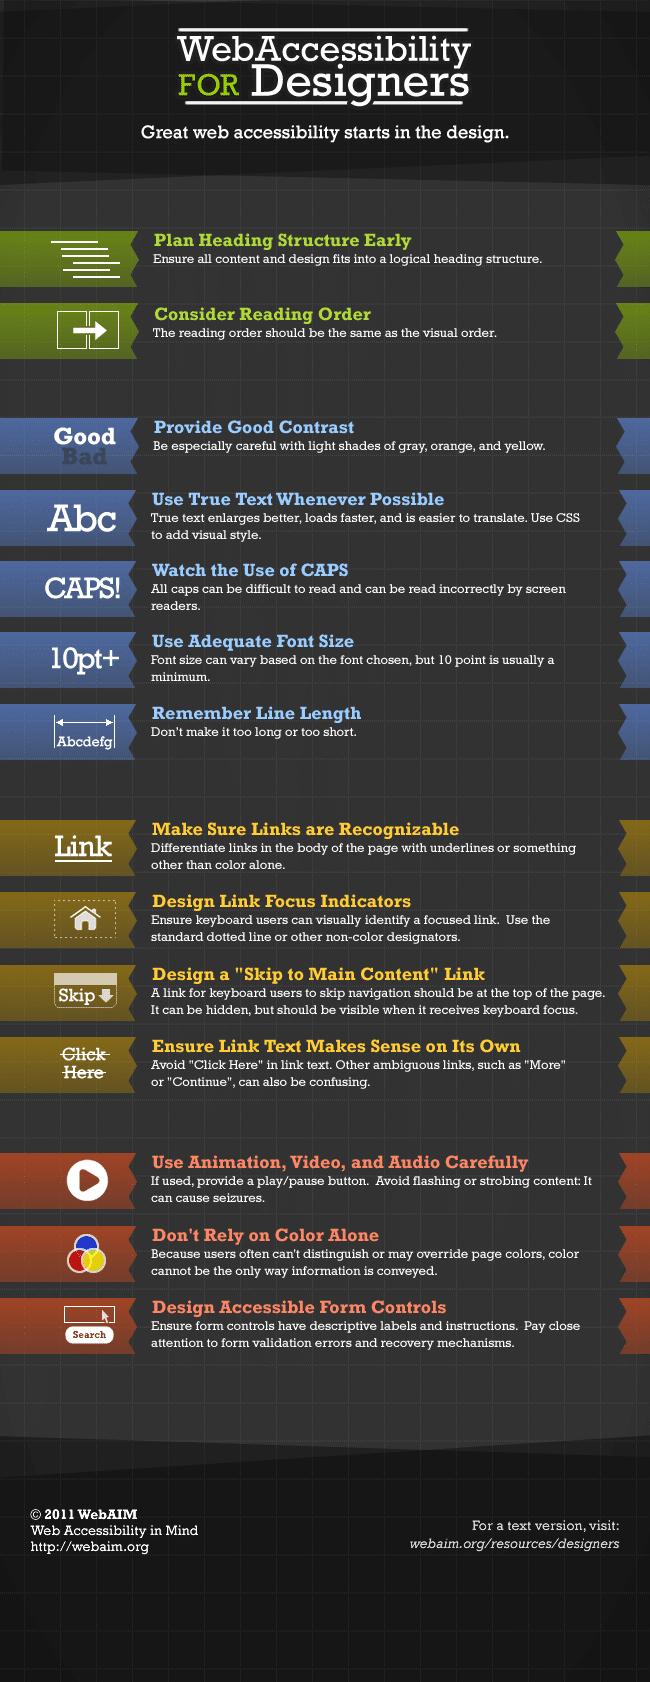 L'accessibilité pour les web designers [infographie]